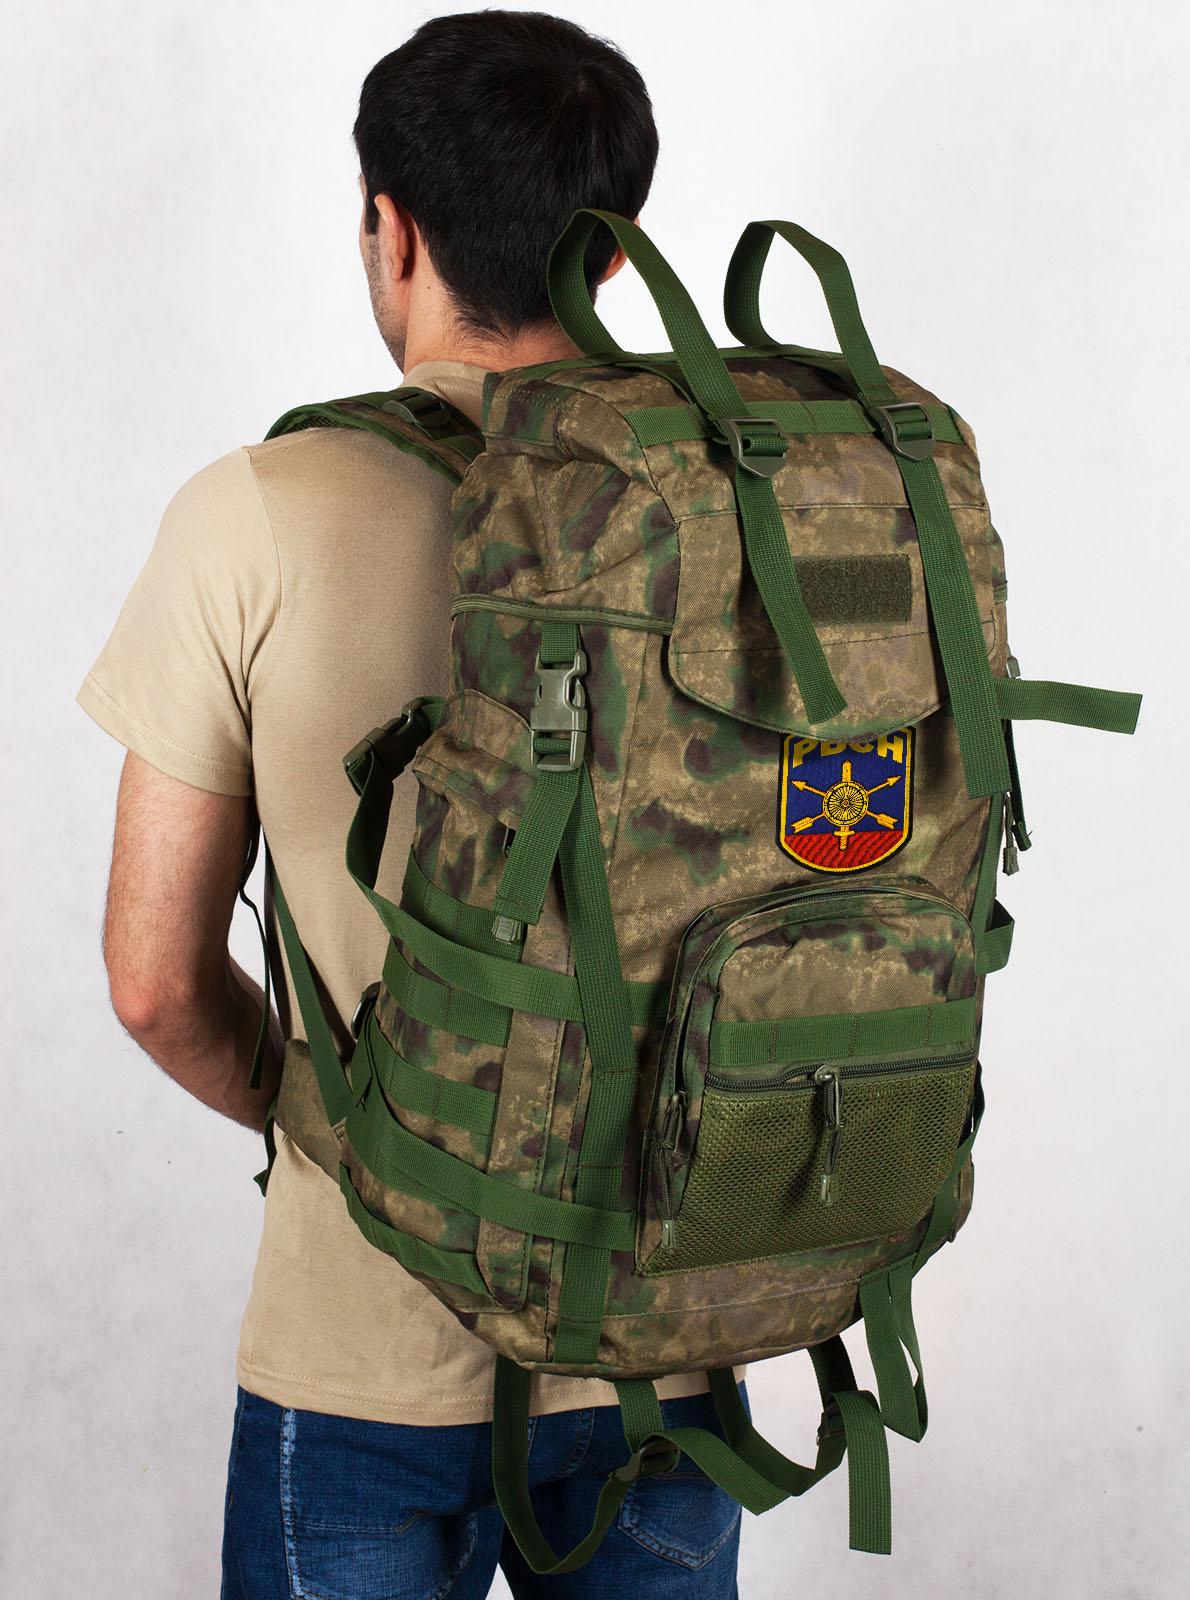 Армейский походный рюкзак камуфляж A-TACS FG с эмблемой РВСН - купить выгодно